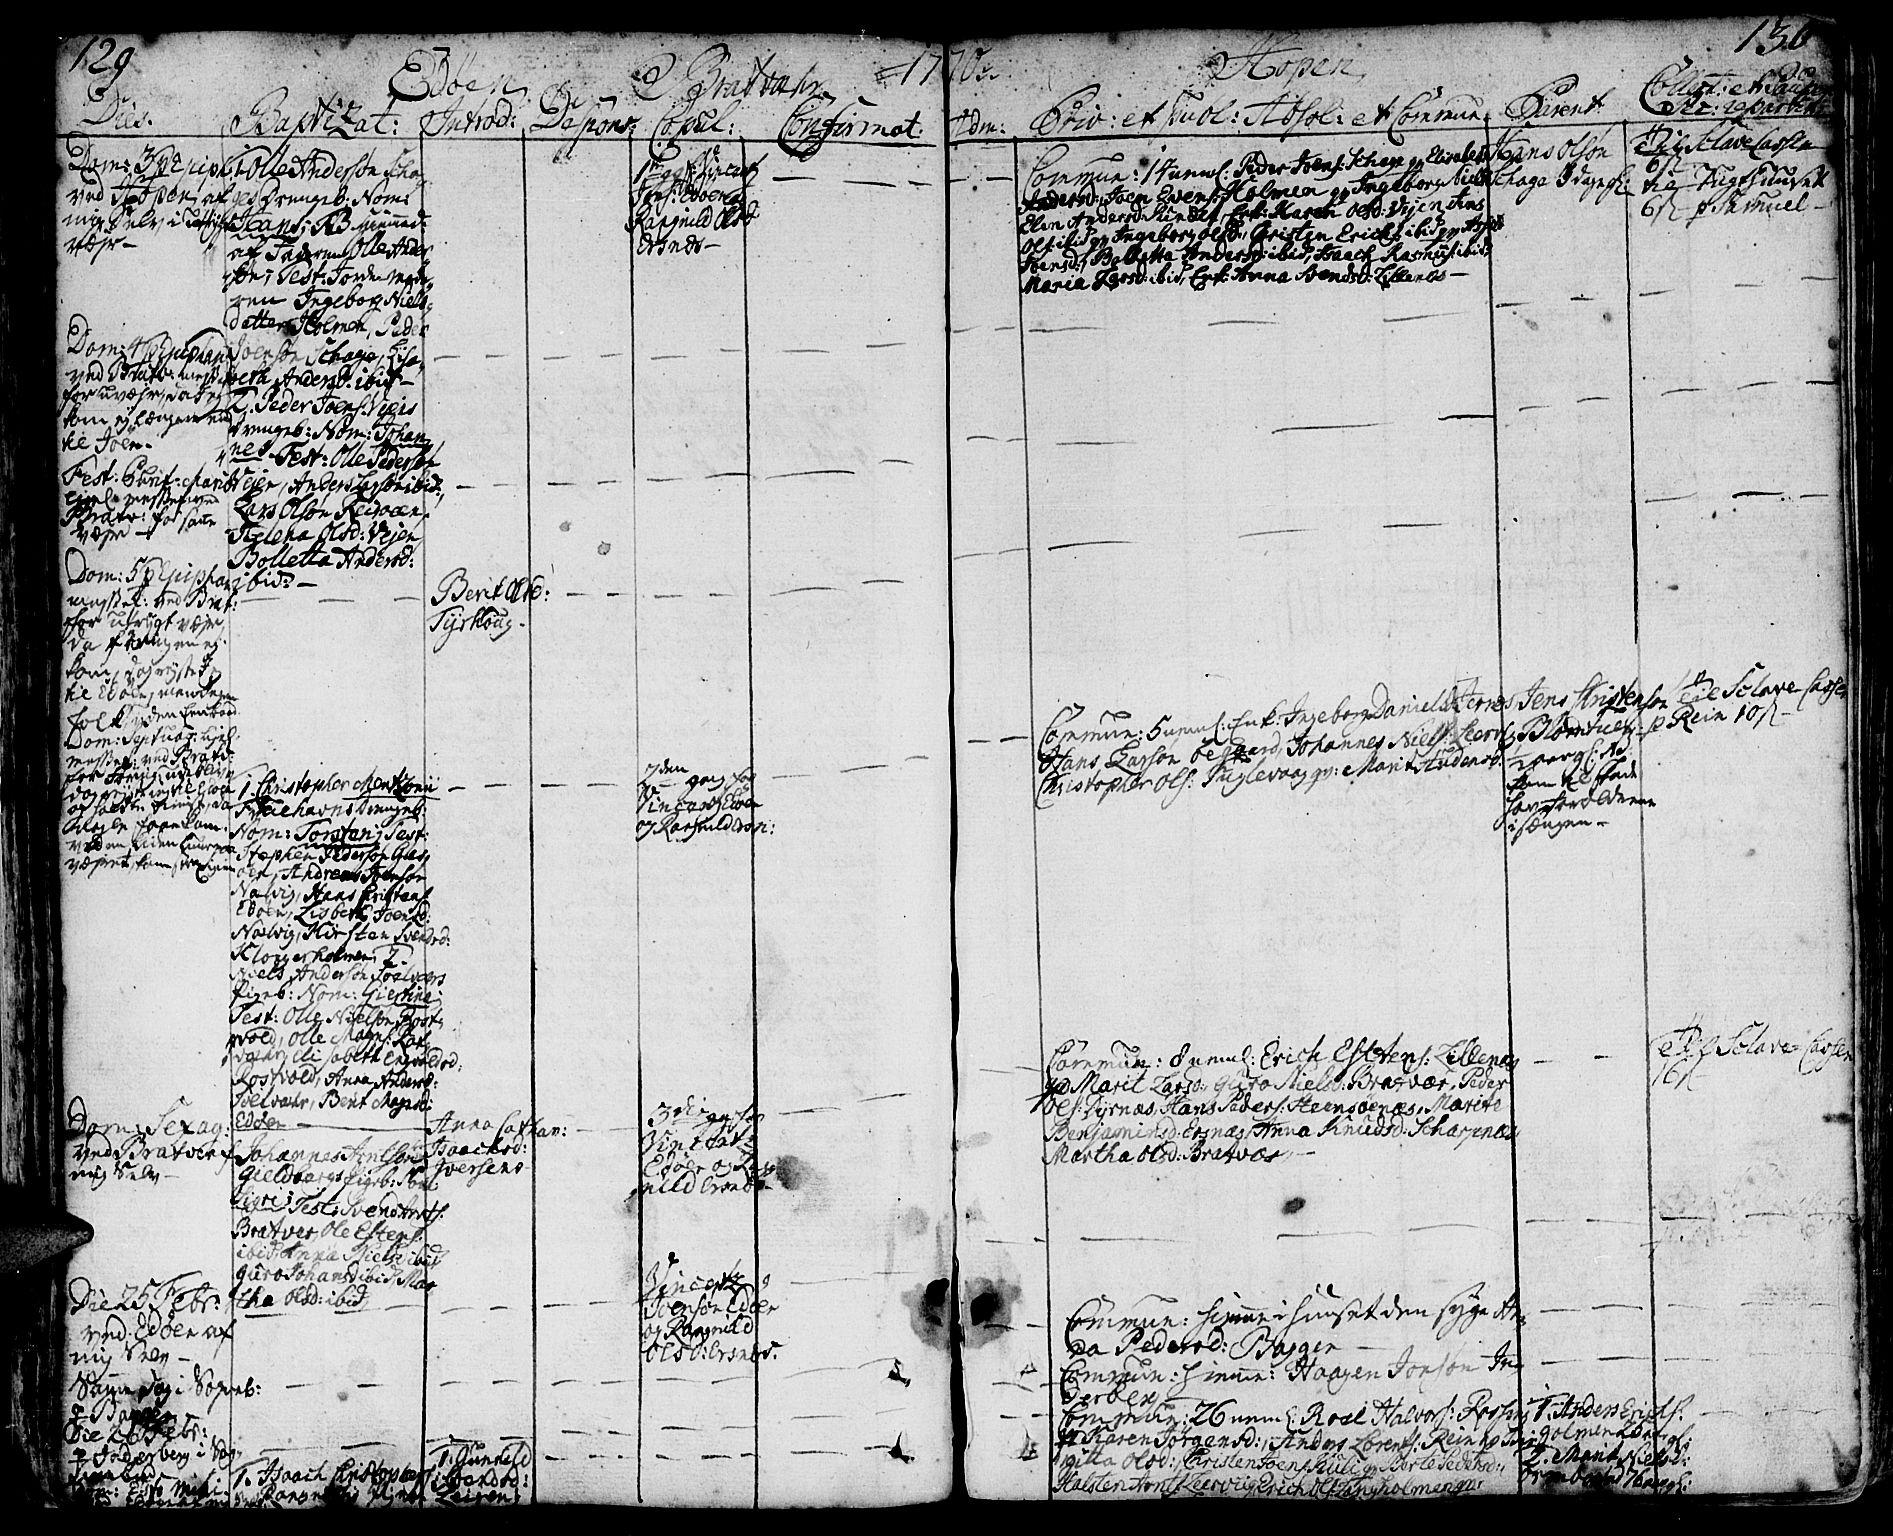 SAT, Ministerialprotokoller, klokkerbøker og fødselsregistre - Møre og Romsdal, 581/L0932: Ministerialbok nr. 581A02, 1767-1823, s. 129-130